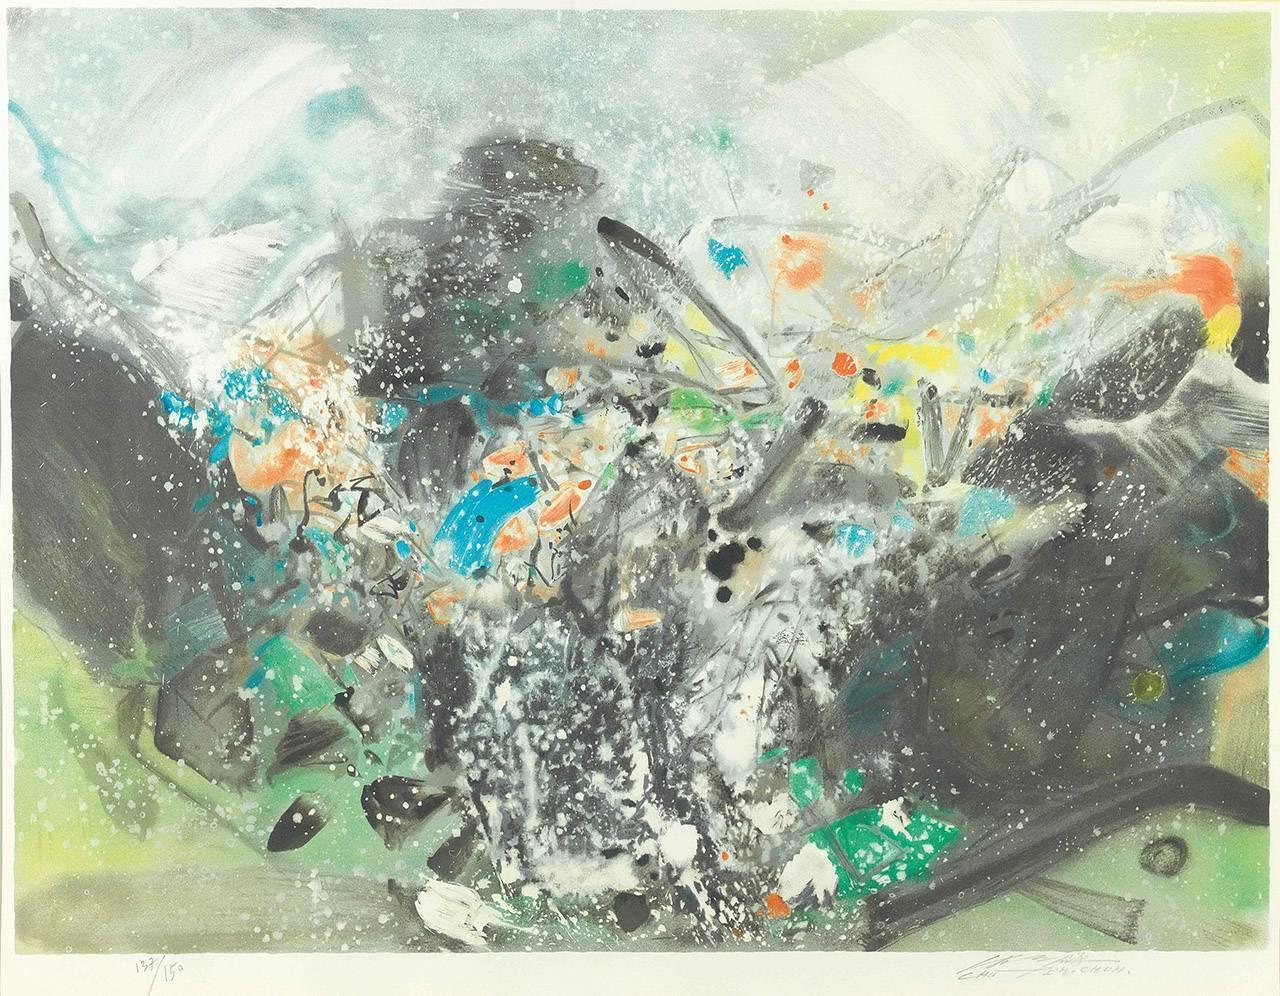 朱德群 雪景 2000-2001 石版畫 60x80cm 版數 137/150 簽名於右下